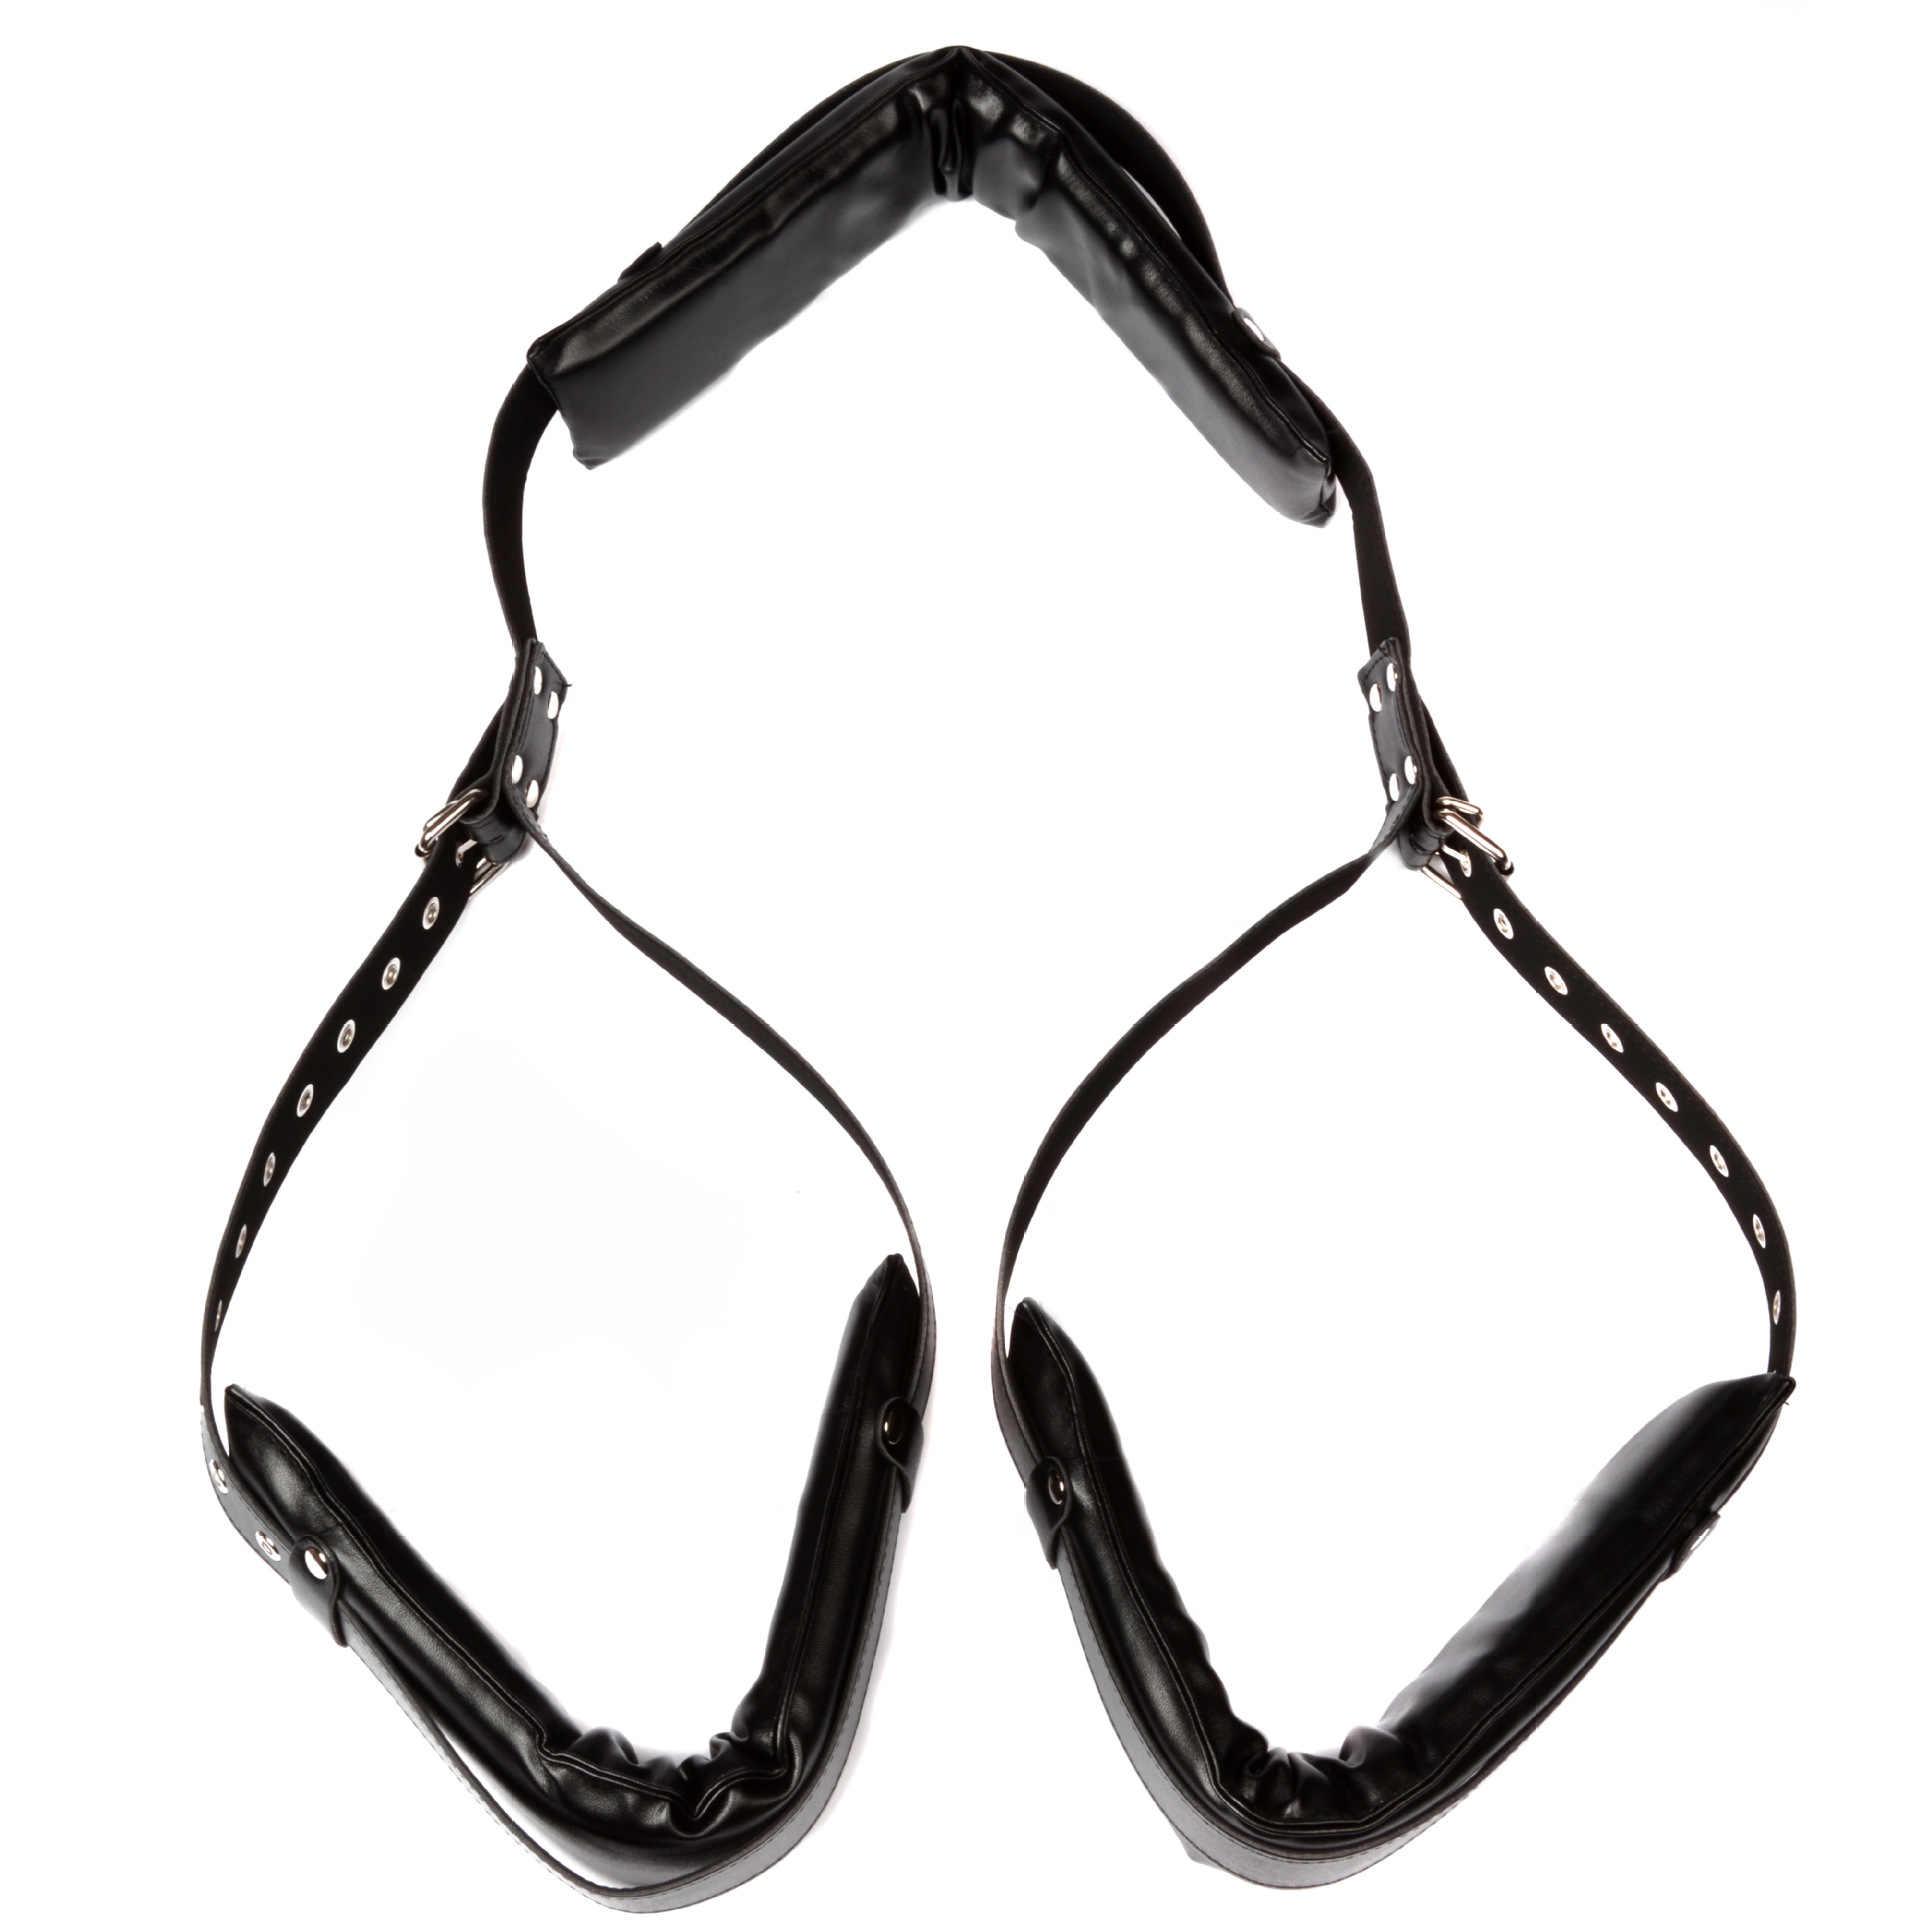 إسفنجة جلدية BDSM قيود عبودية مفتوحة الساق الكبار SM لعبة كبح الحبال الجنس سوينغ للنساء الجنس لعب للبالغين الأزواج